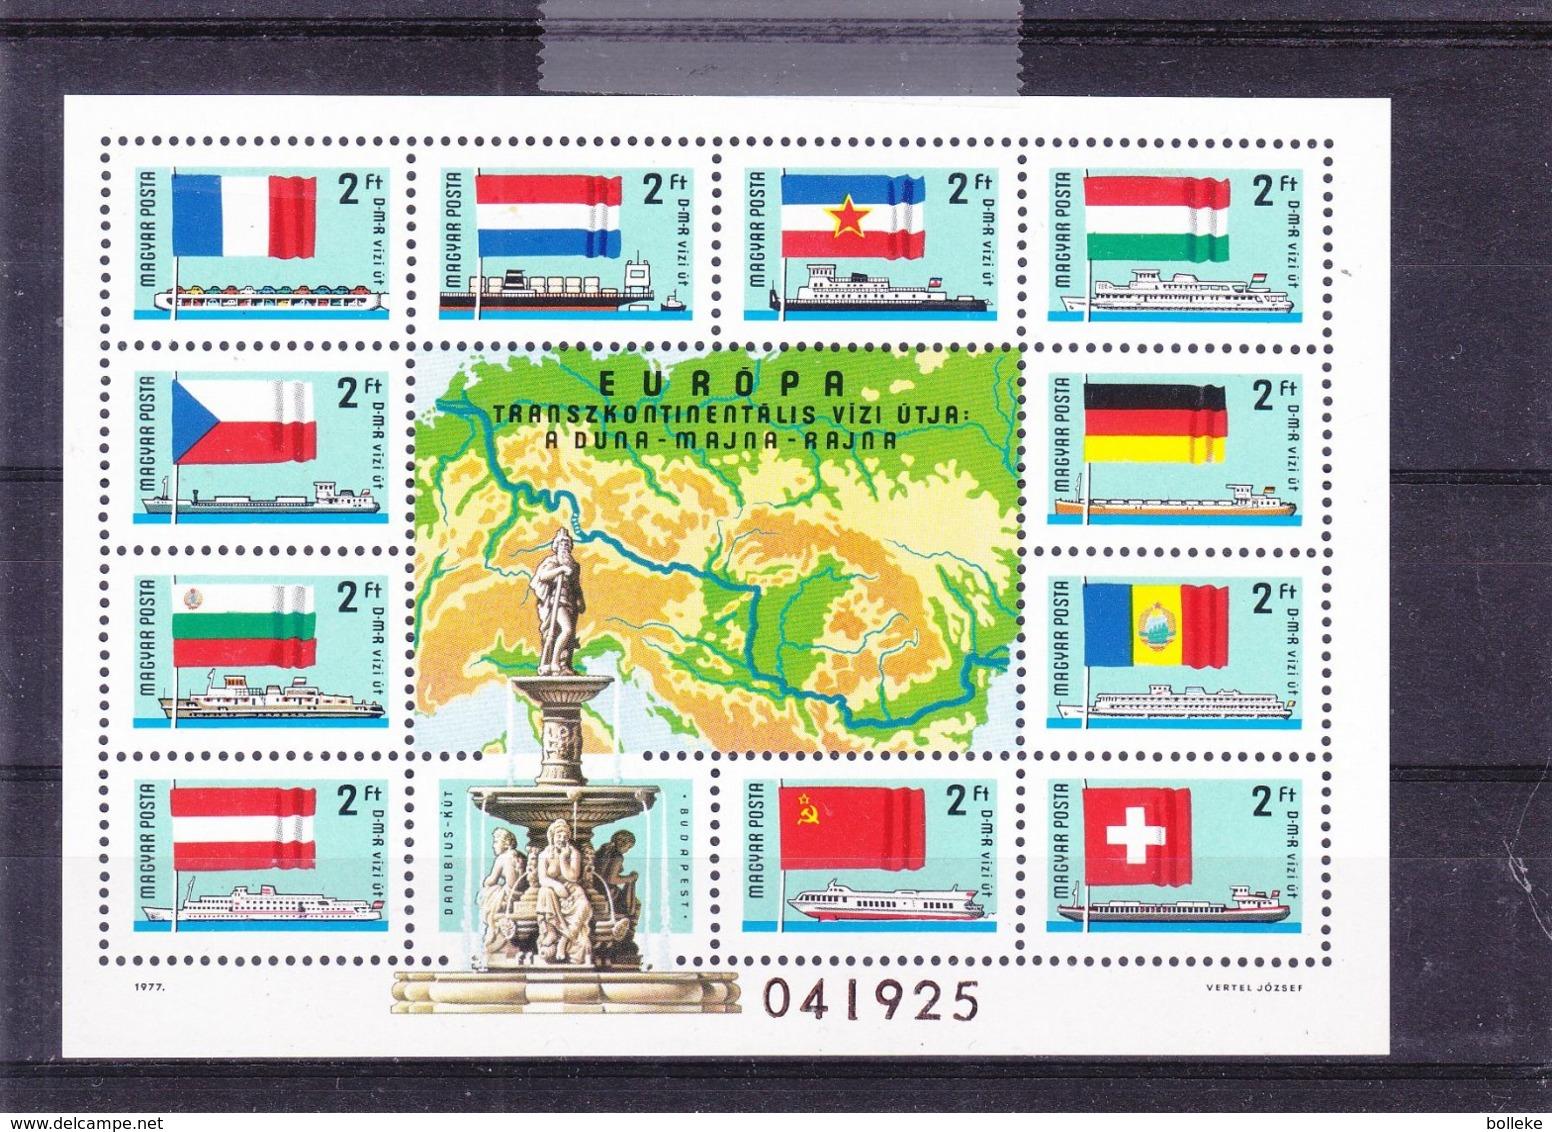 Drapeaux - Hongrie - Yvert BF 134 ** - Bateaux - Idées Européennes - Valeur 25 Euros - Francobolli